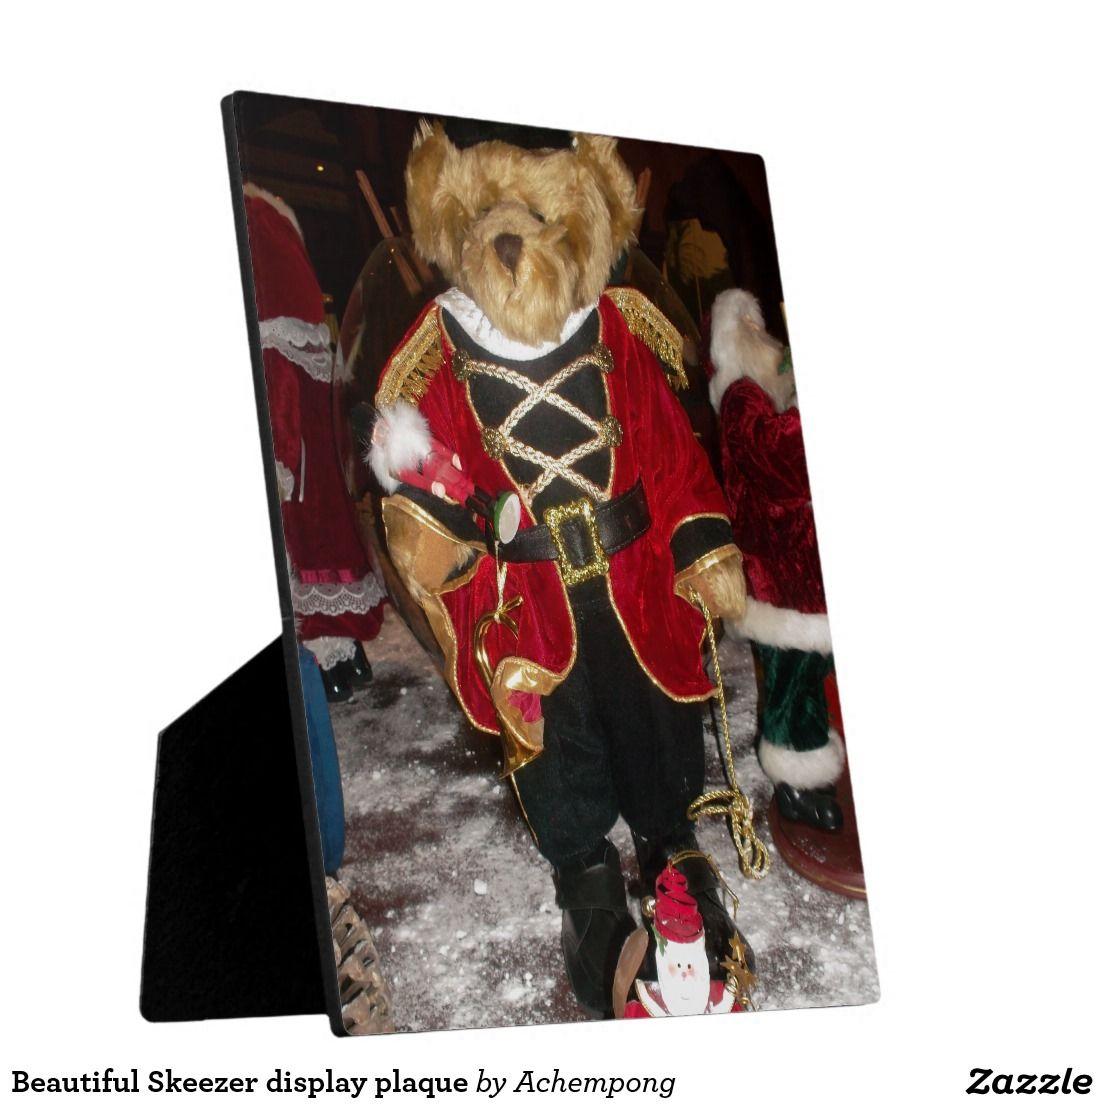 #Beautiful #Skeezer #display #plaque #Home & #Pets > Photo Plaque